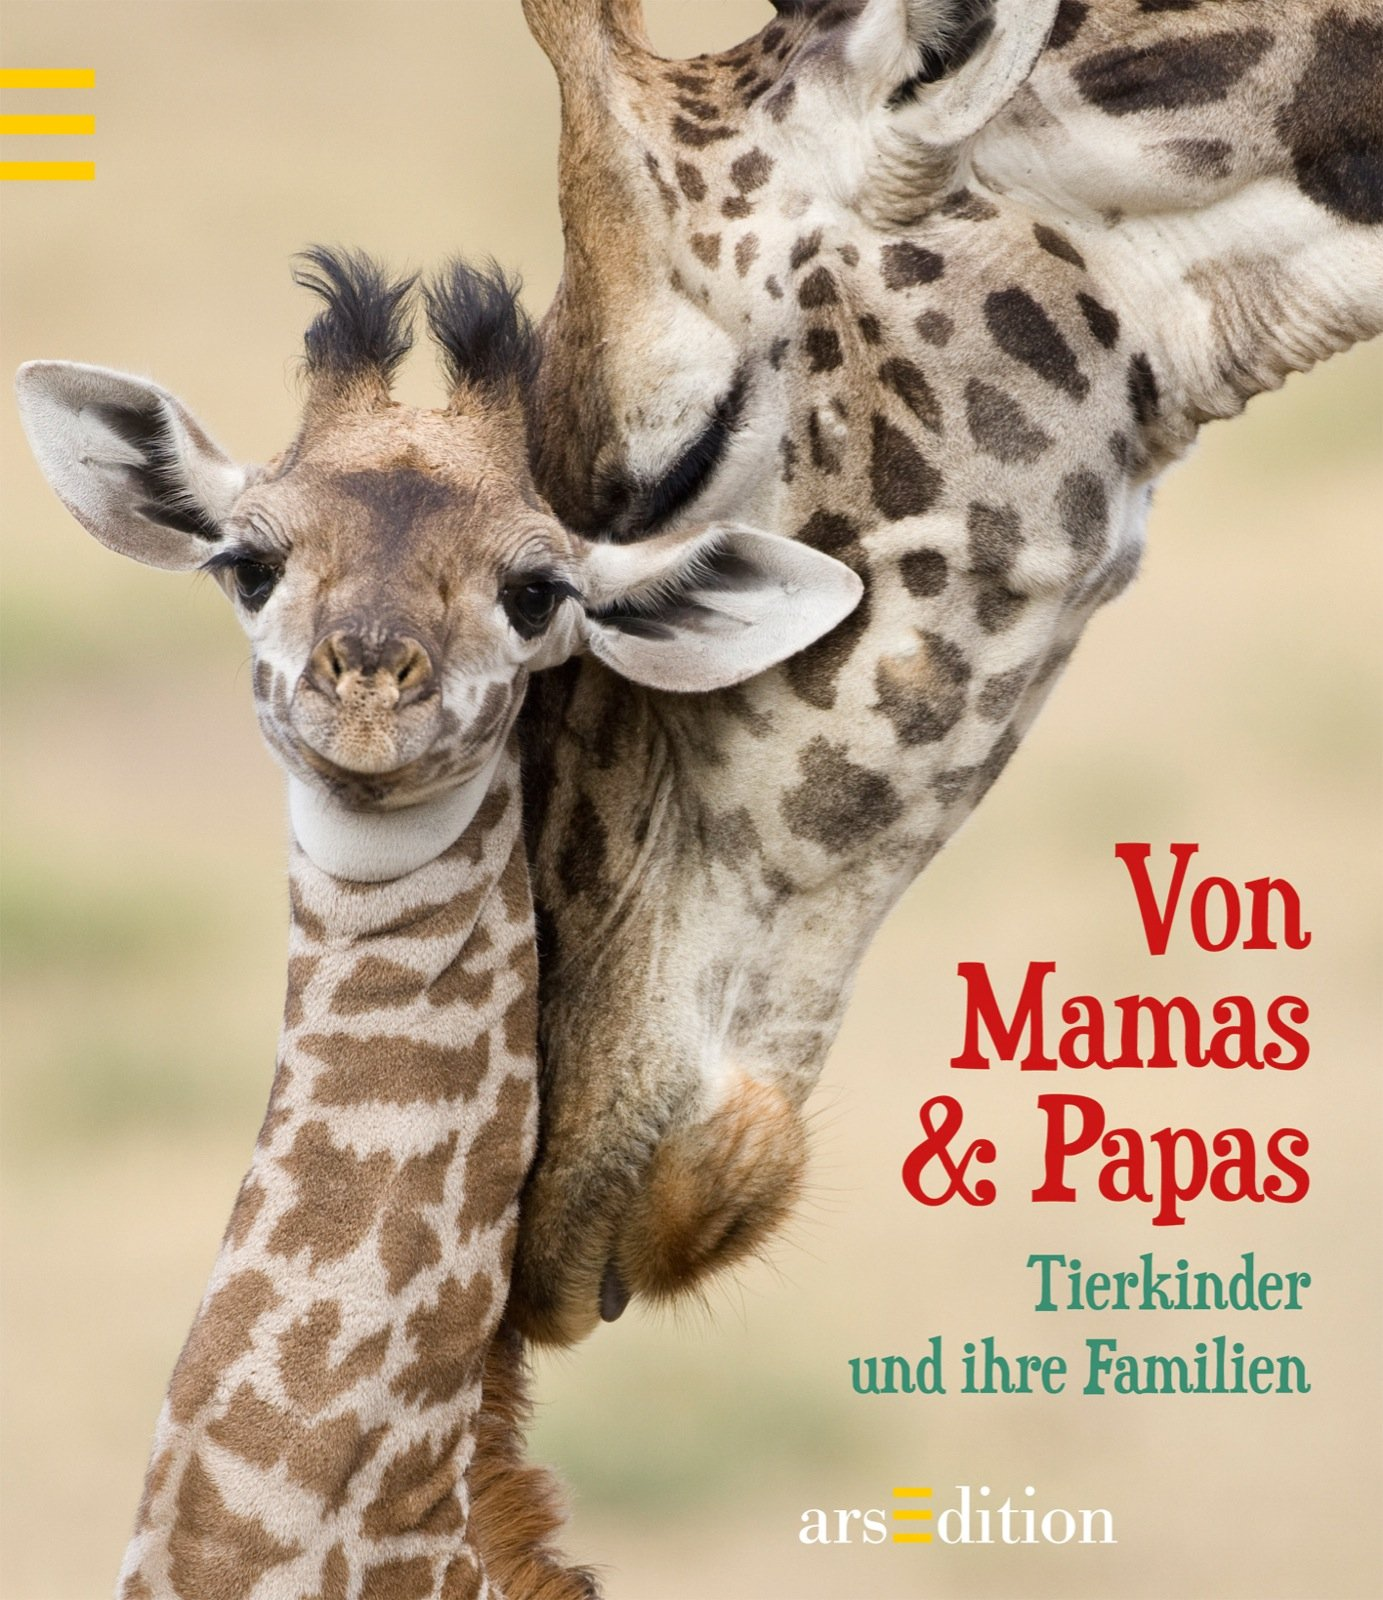 von-mamas-papas-tierkinder-und-ihre-familien